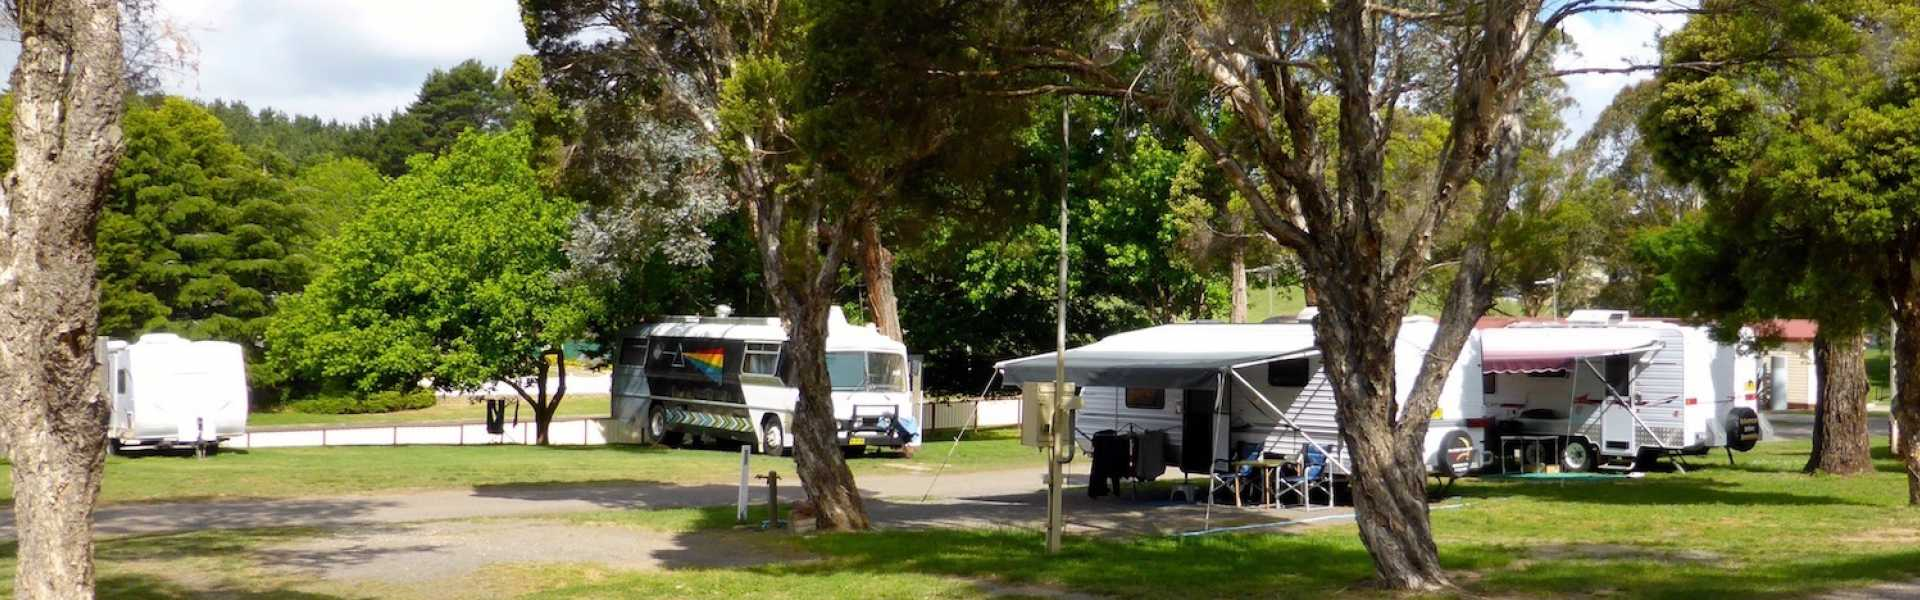 Kui Parks, Moss Vale Village Park, Sites